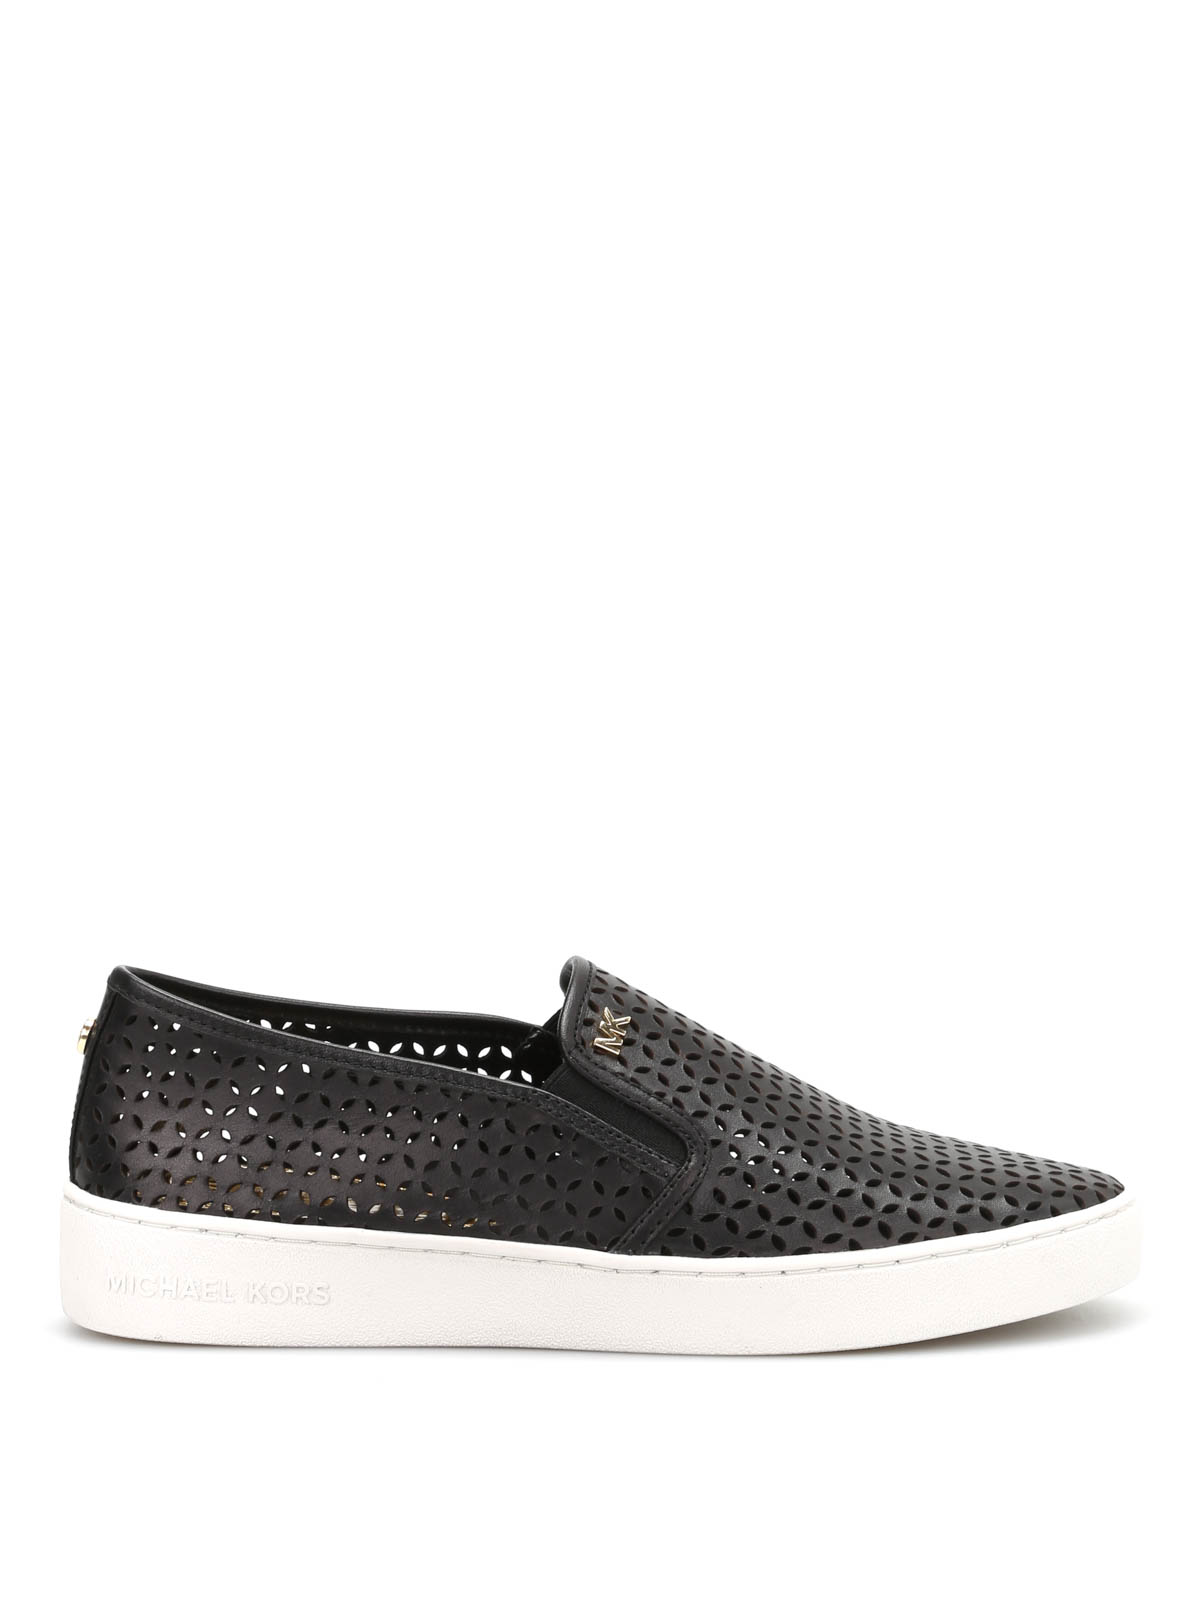 Michael Kors - Slip-on Olivia - sneakers - 43S5OLFP1L BLACK  d08f4e4af88